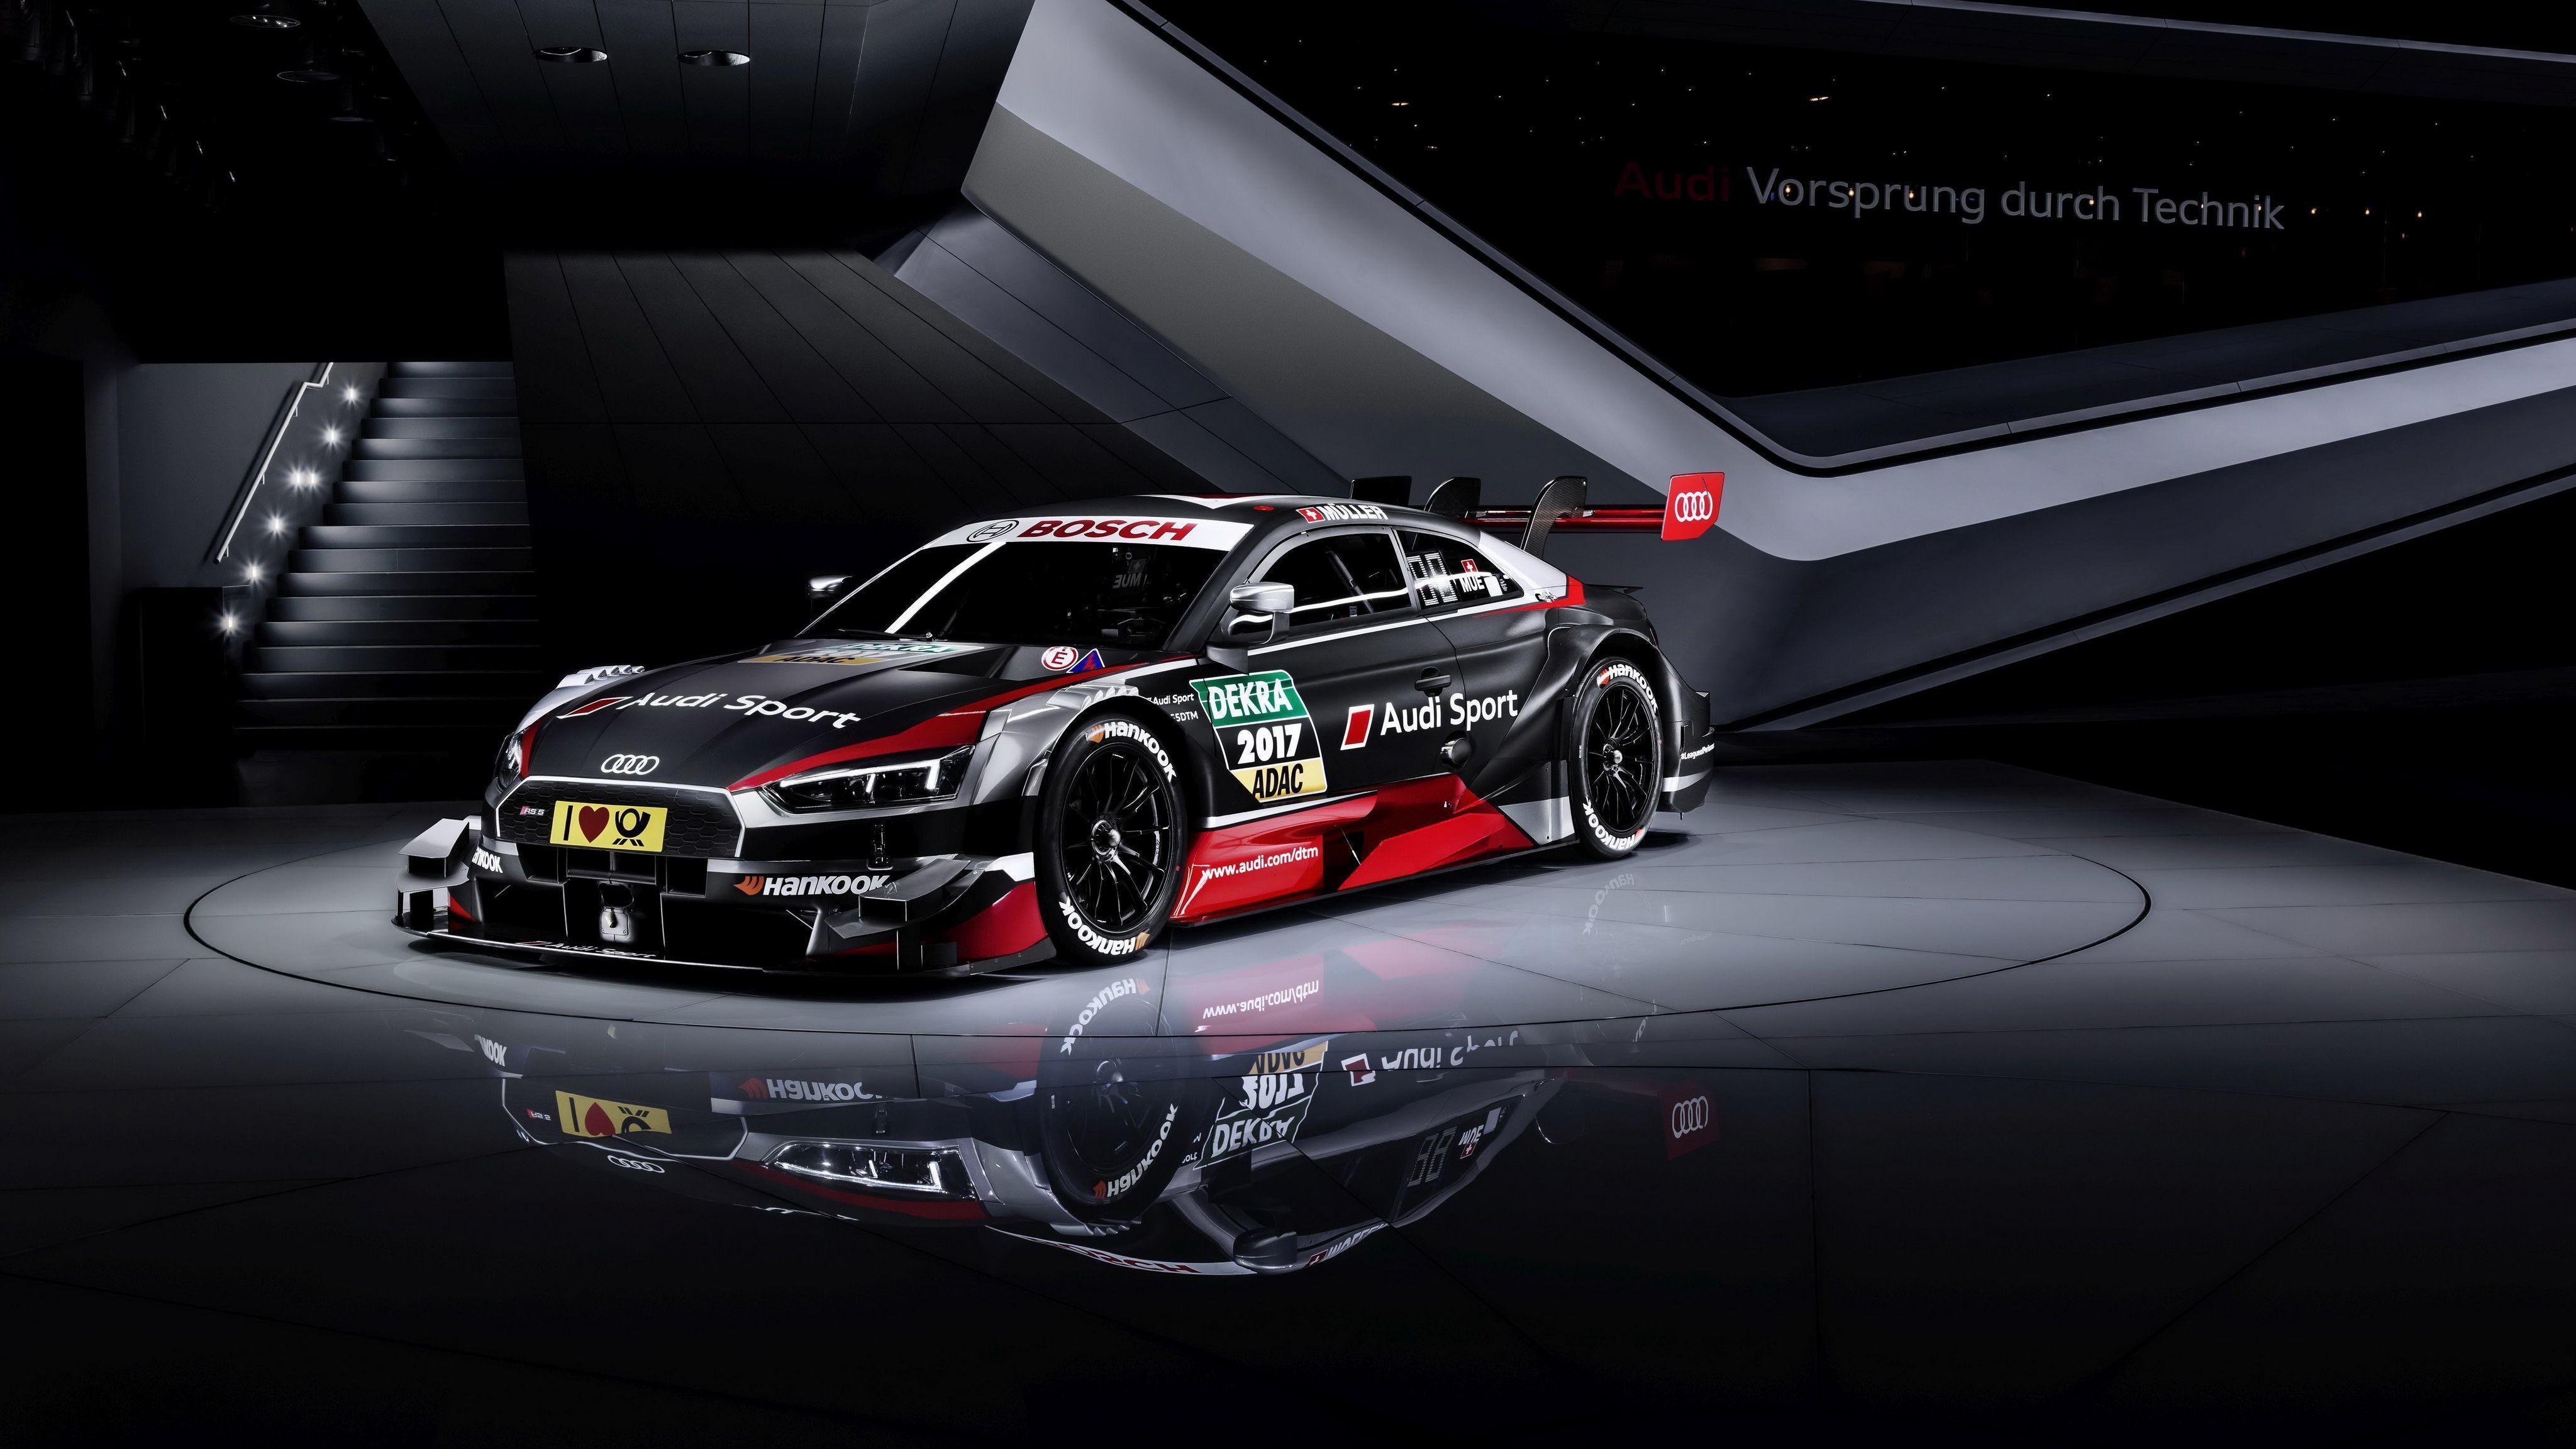 Audi Racing Wallpapers   Top Audi Racing Backgrounds 4096x2304